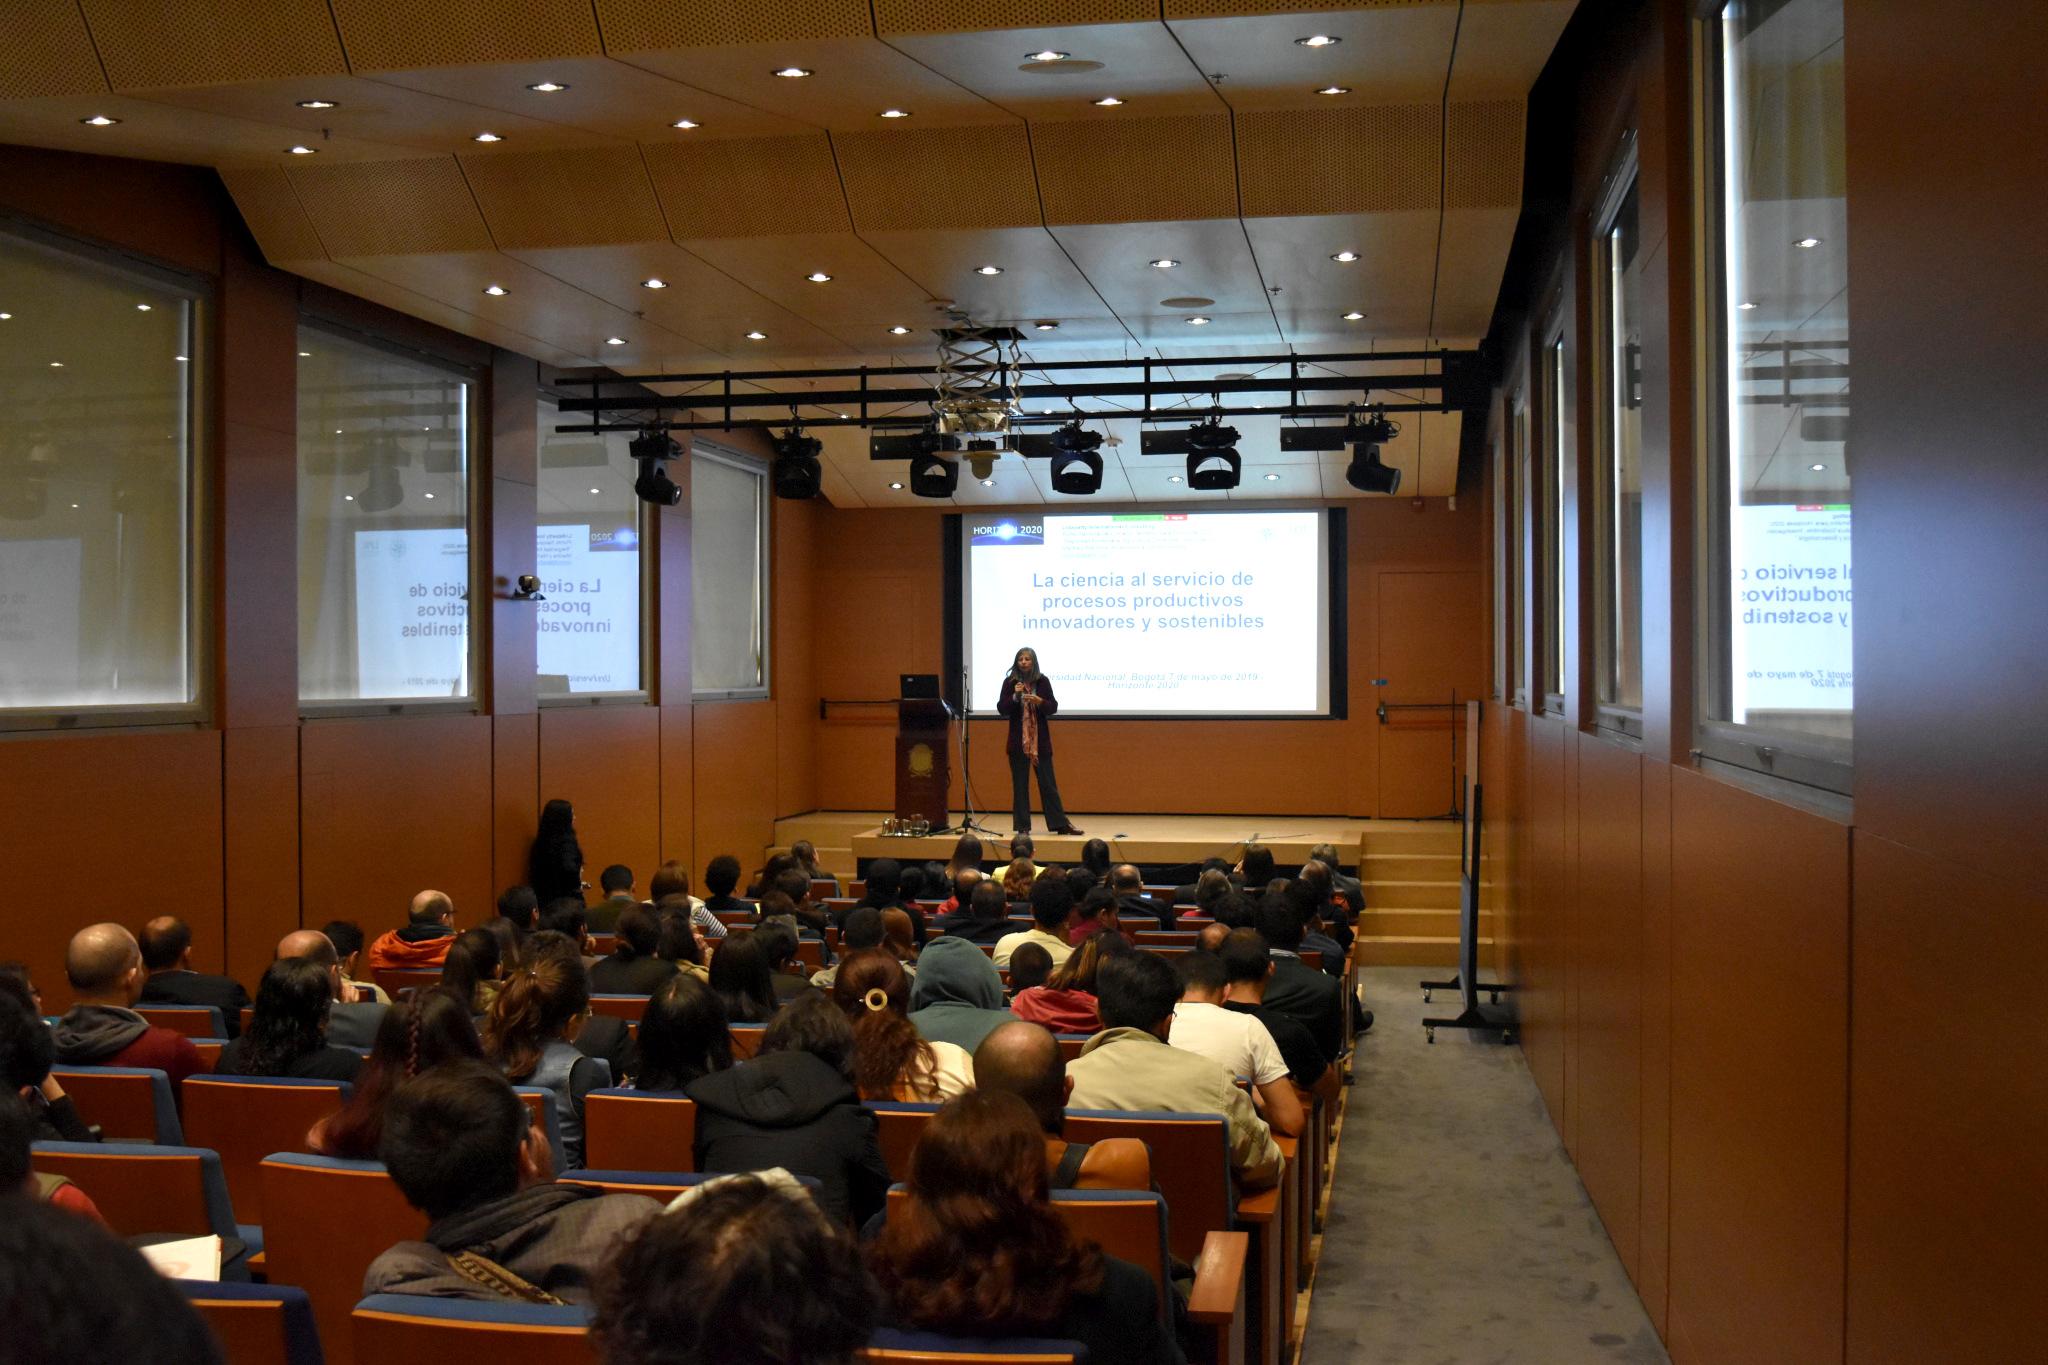 Foto: Vicerrectoría de Investigación, Universidad Nacional de Colombia